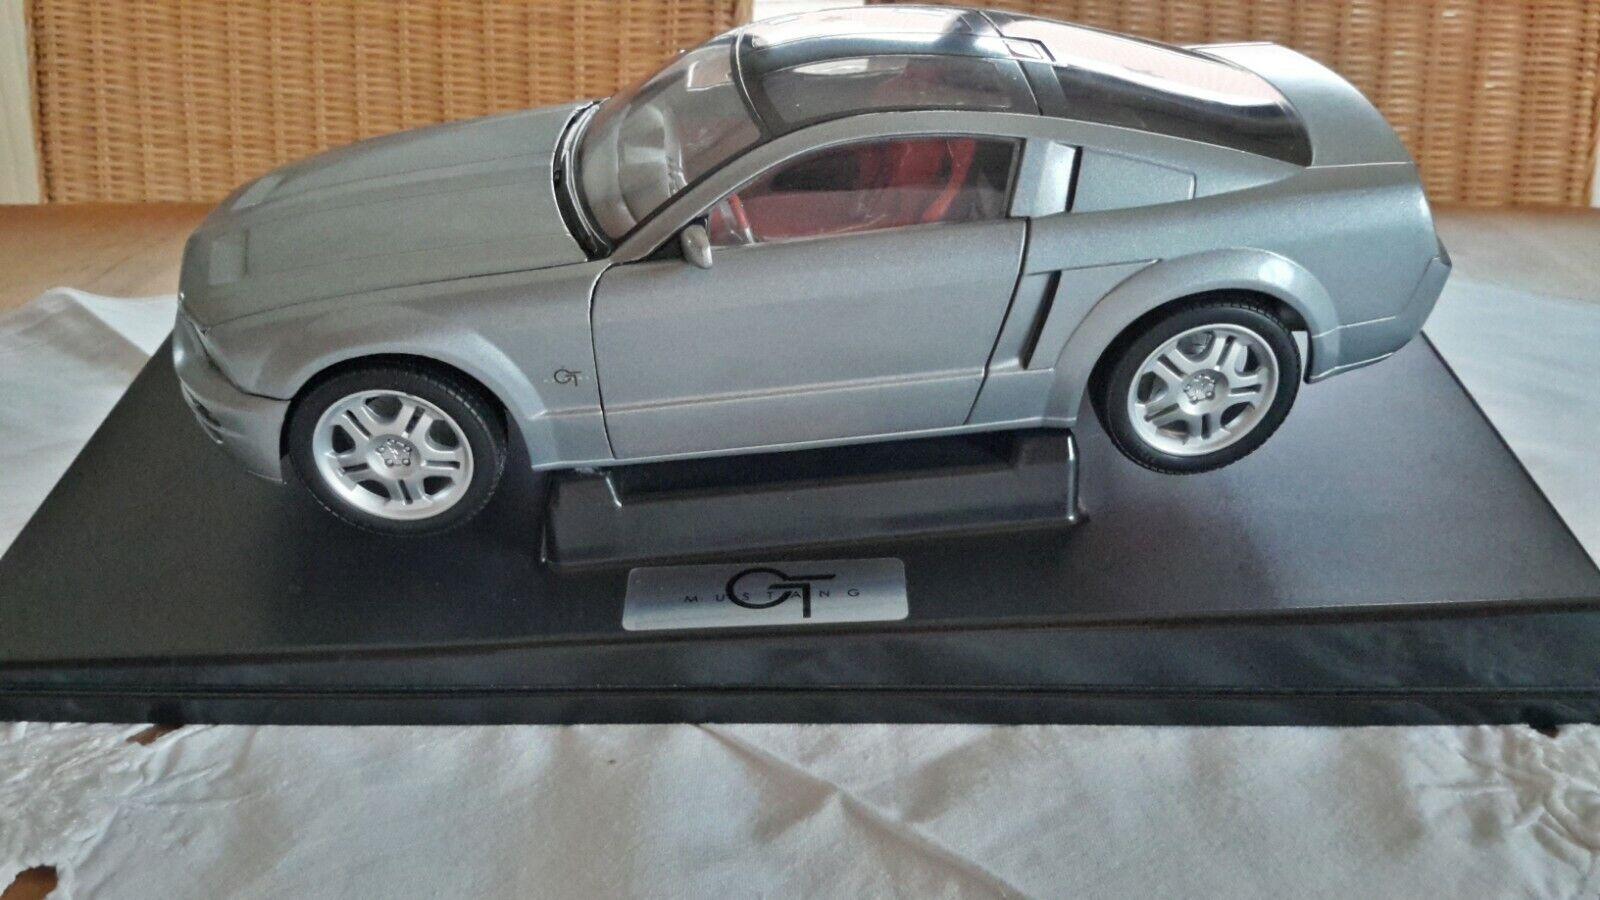 BEANSTALK  Ford  Mustang  GT  (grau-met.) 1 18 mit Verpackung  RARITÄT